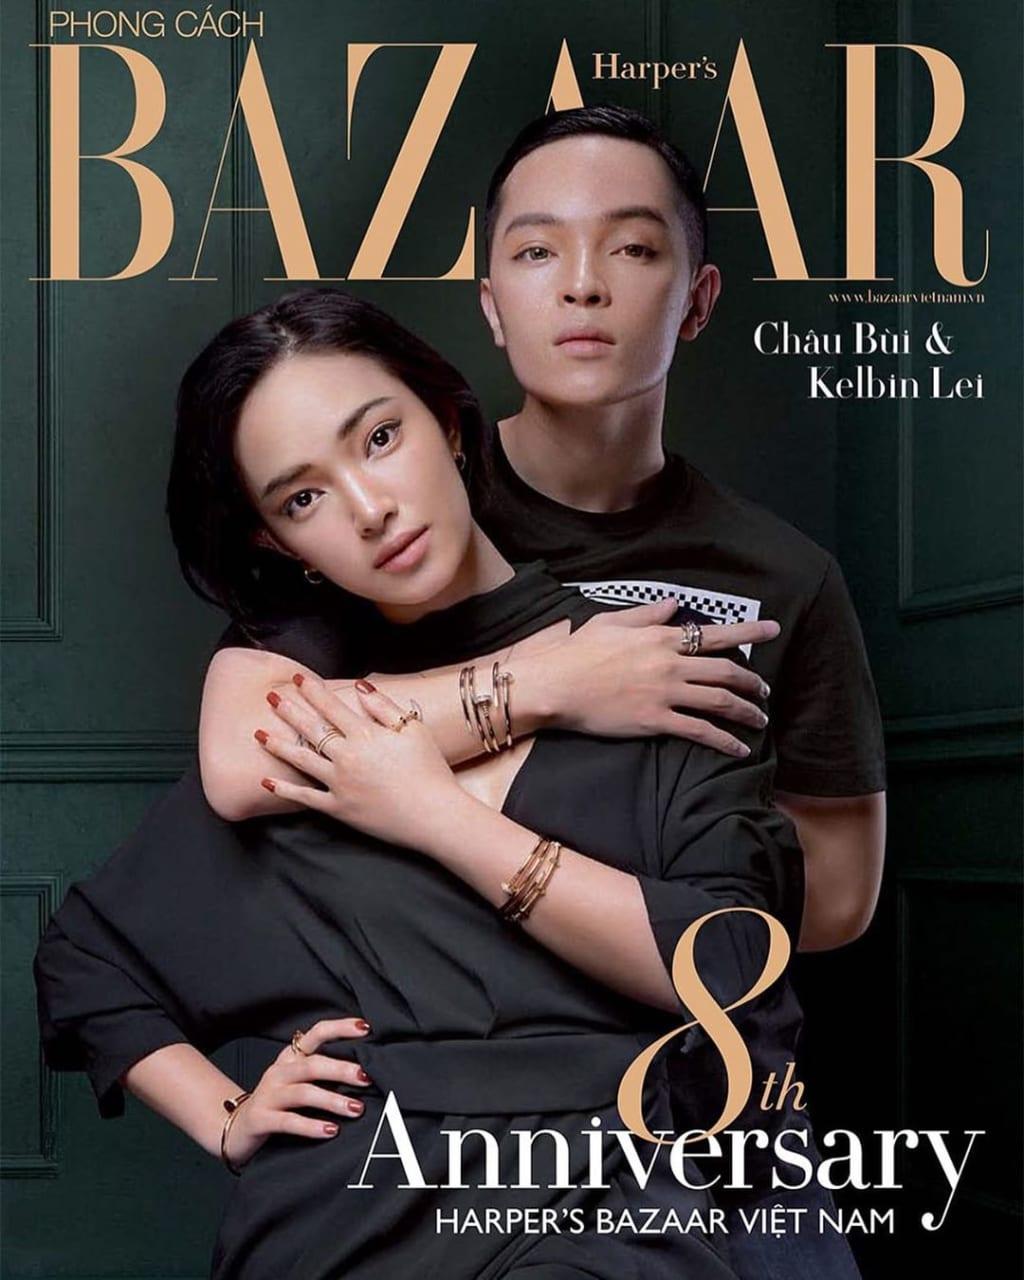 Châu Bùi trên tạp chí Bazaar kỷ niệm 8 năm